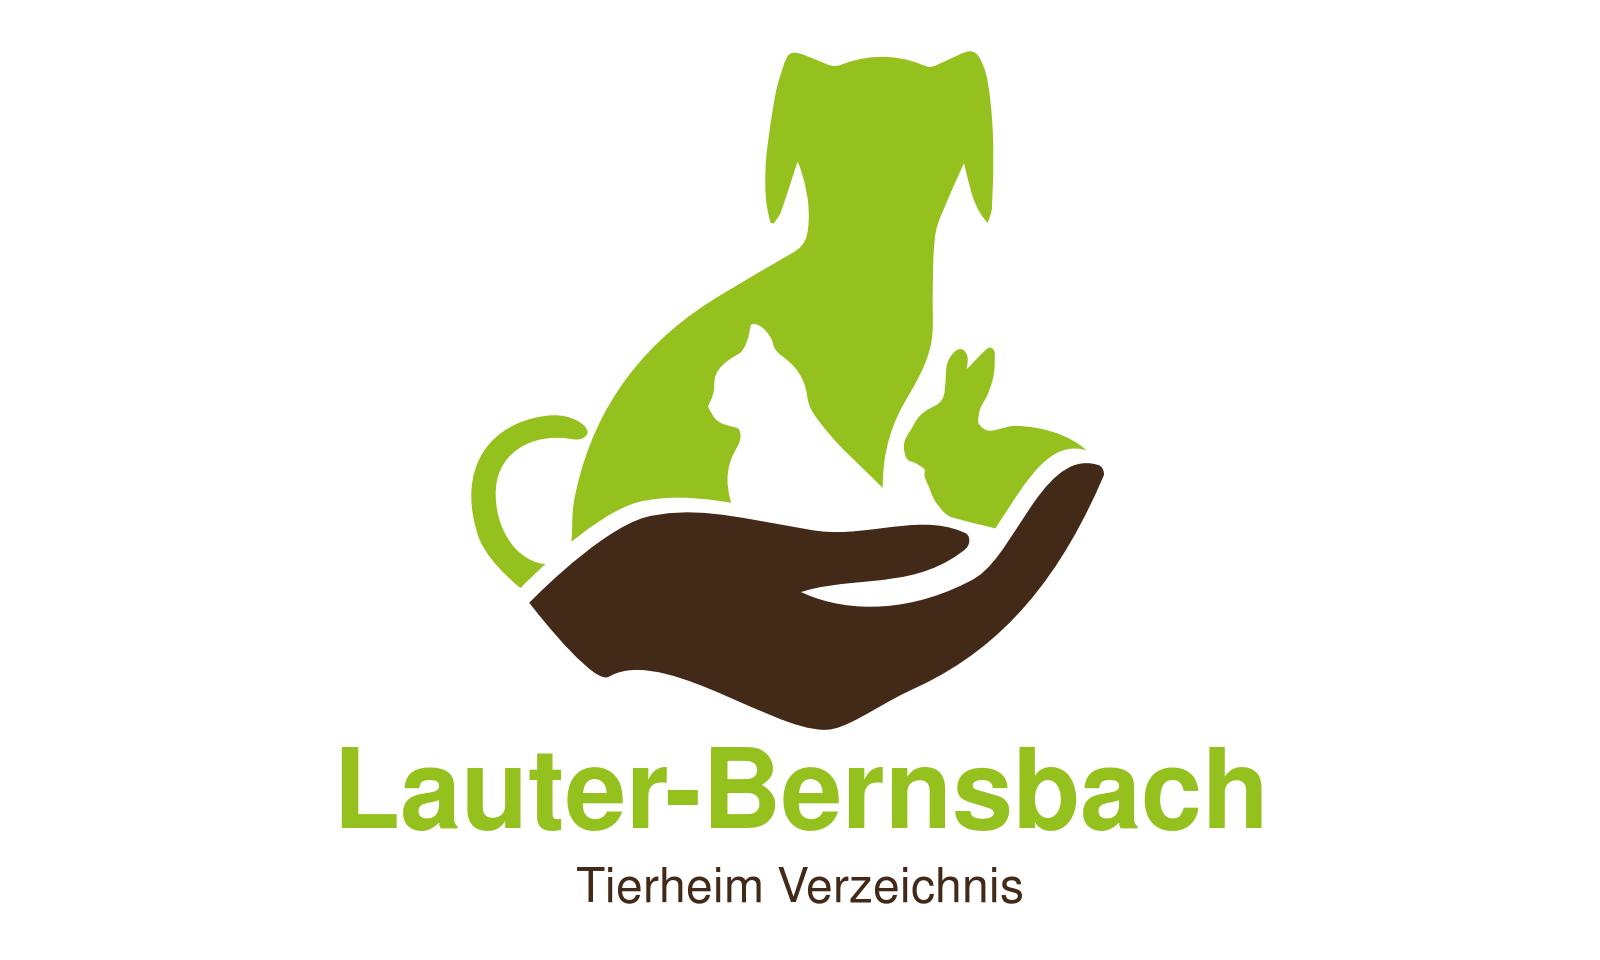 Tierheim Lauter-Bernsbach